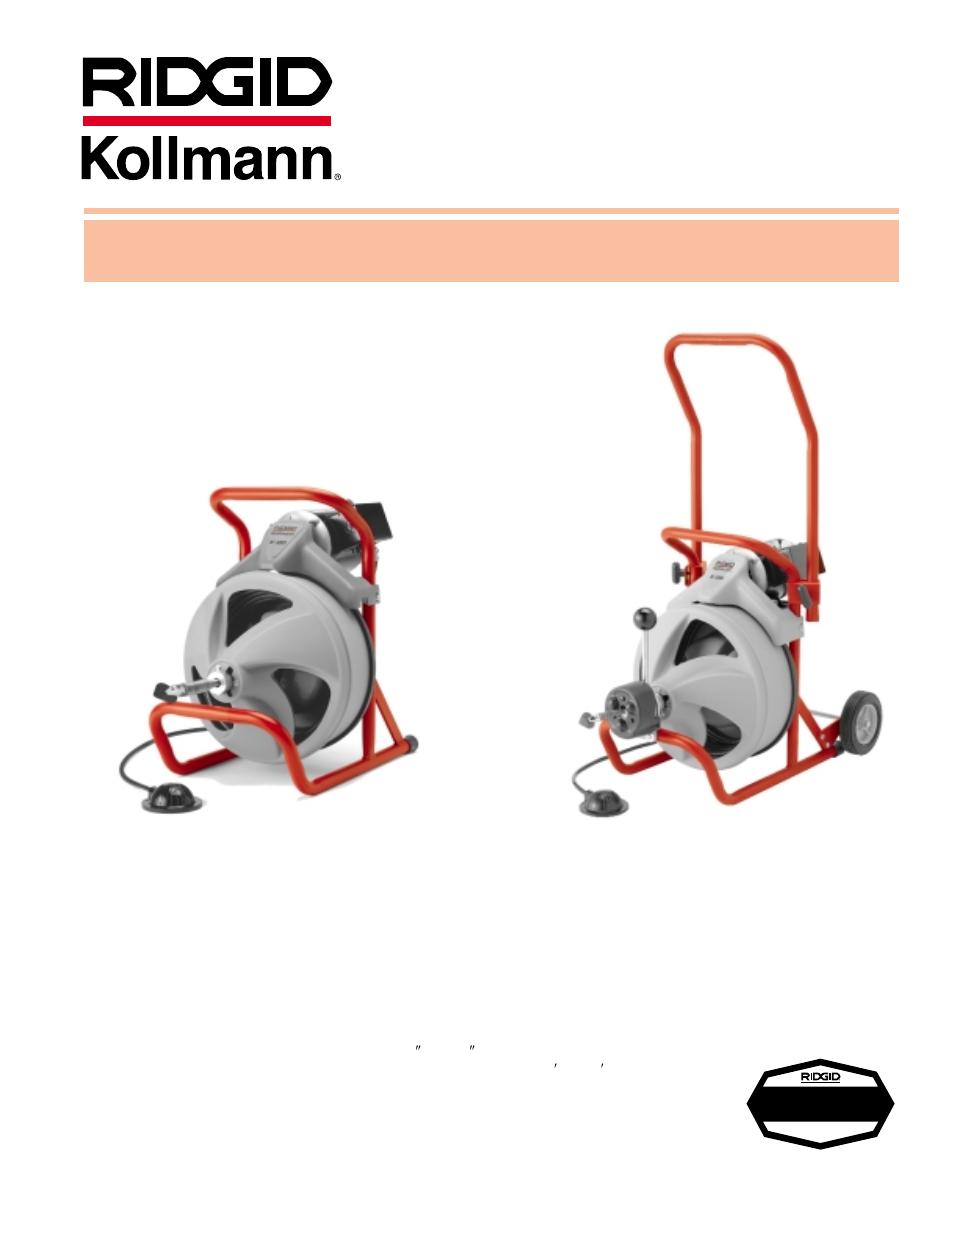 Ridgid K 380 User Manual 2 Pages